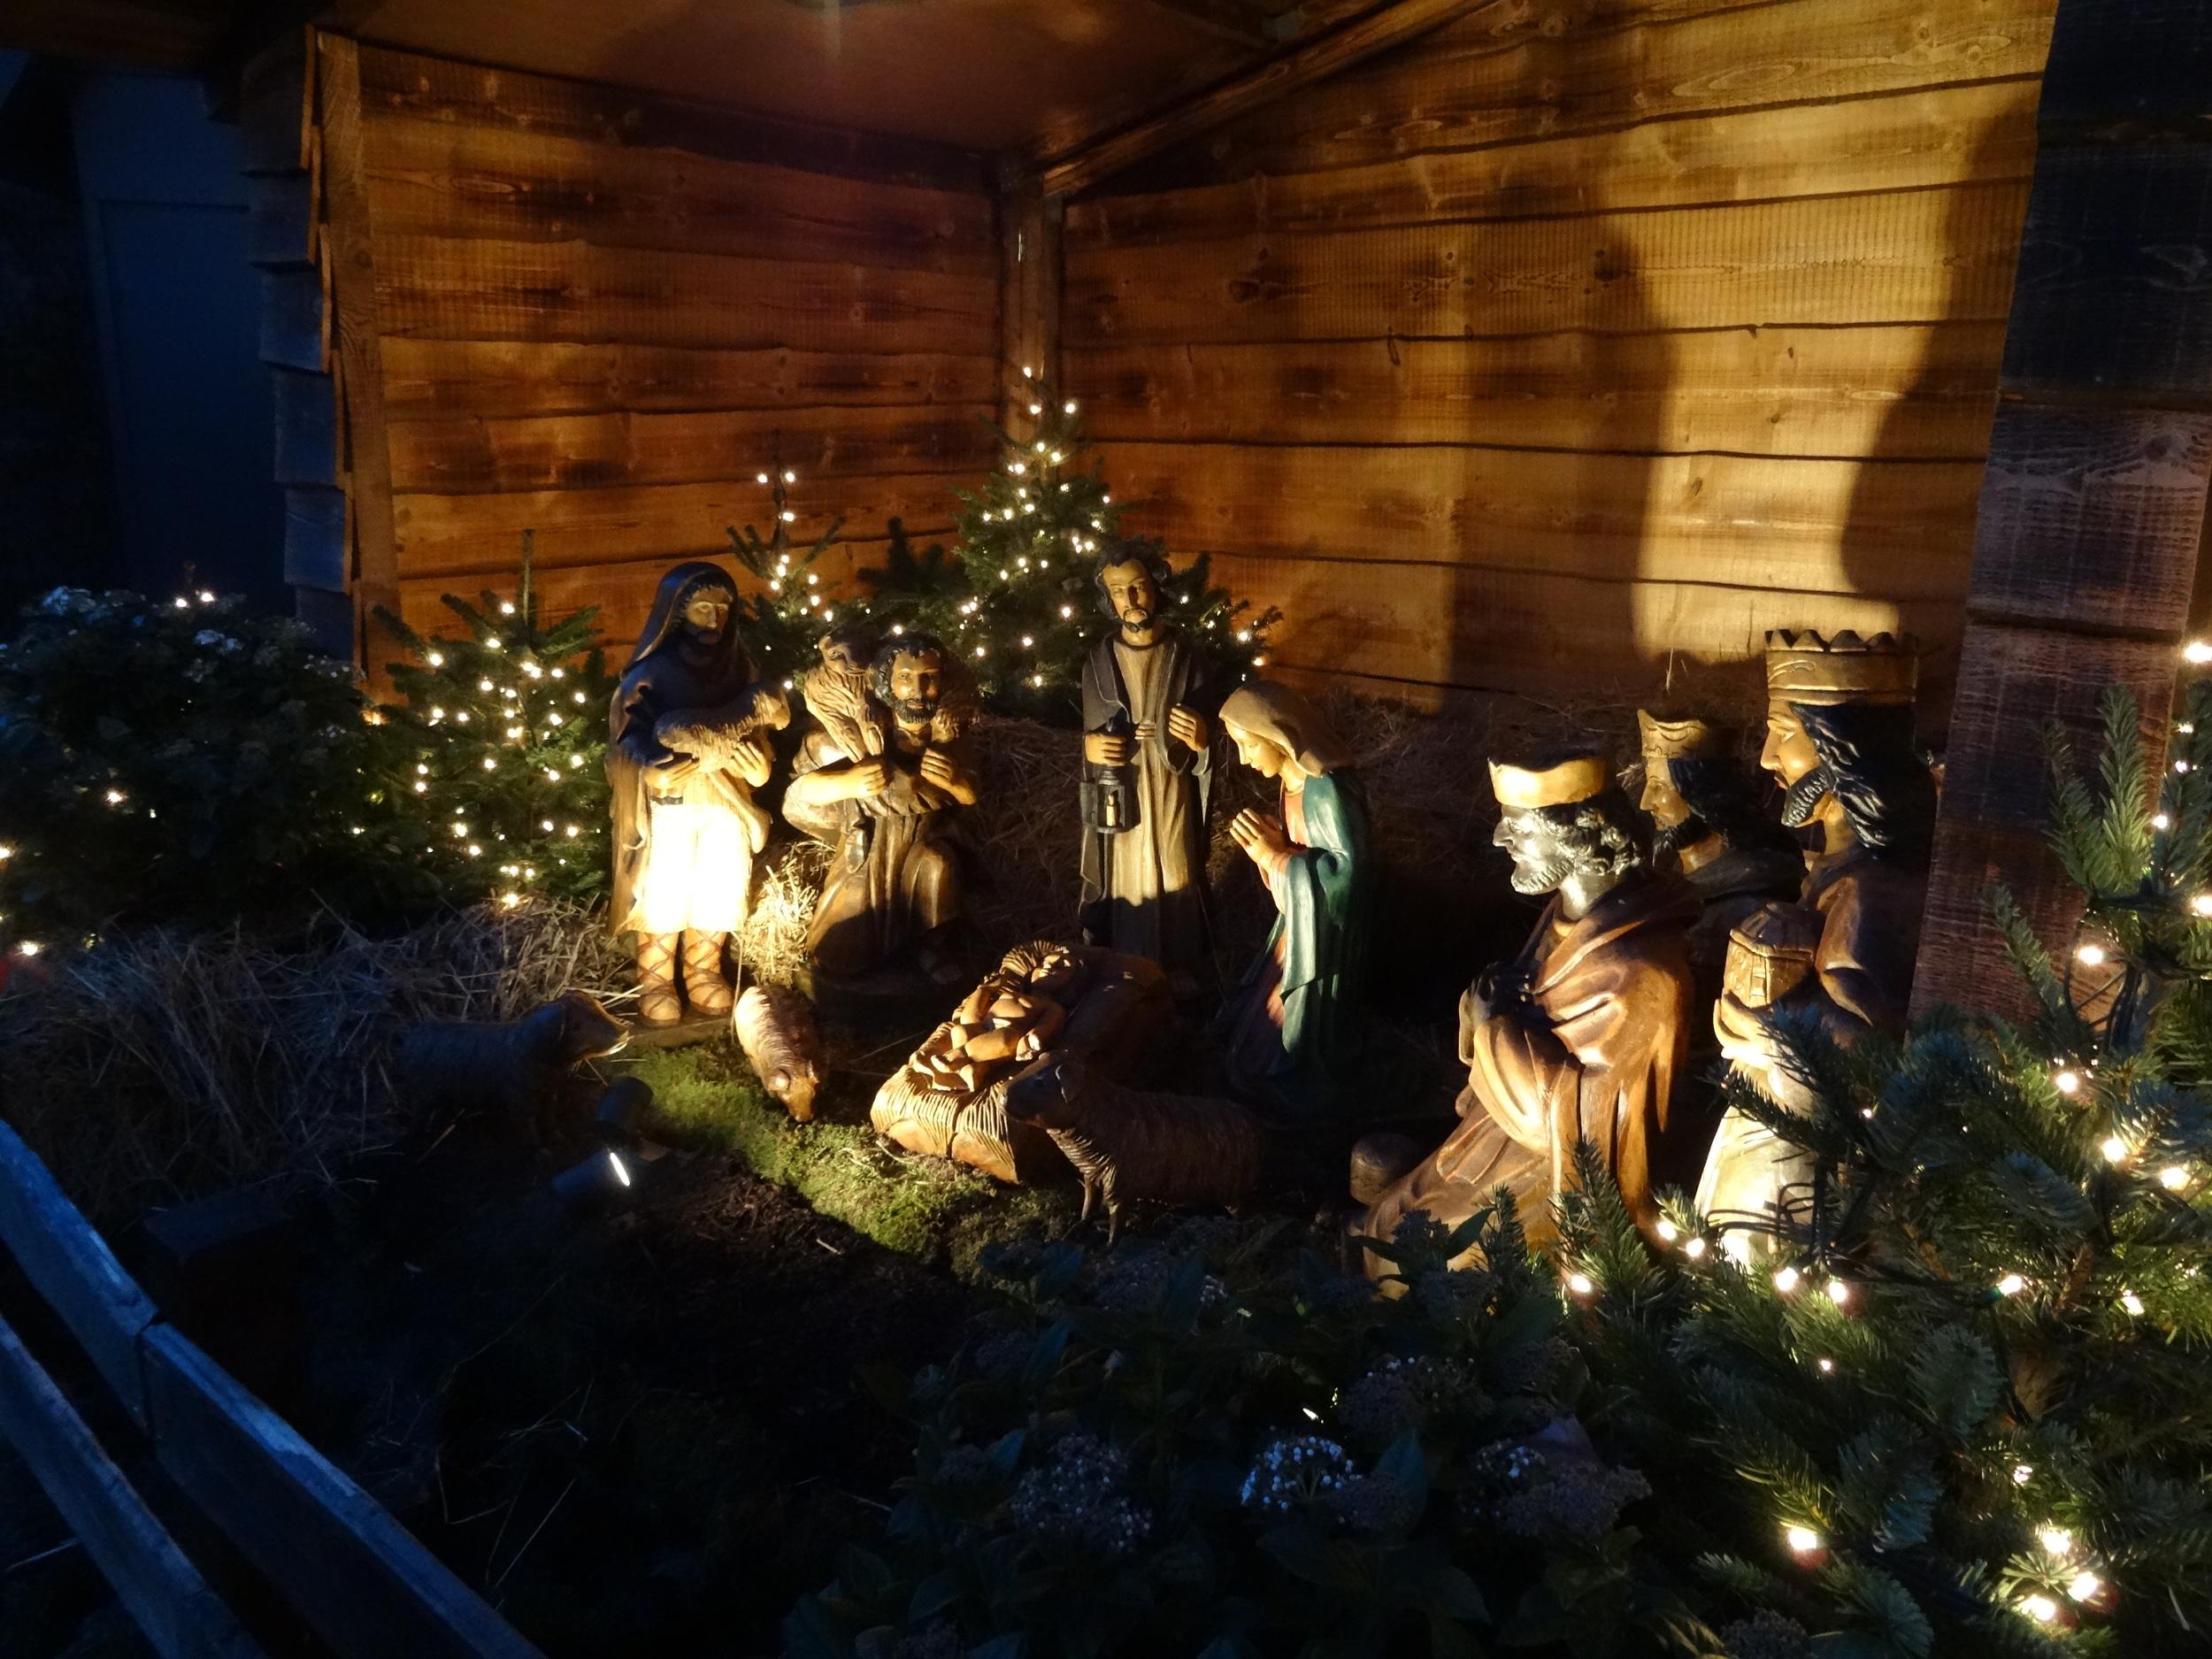 28.Nov.2015 : Weihnachtsfest : Geburt Jesus wir gefeiert